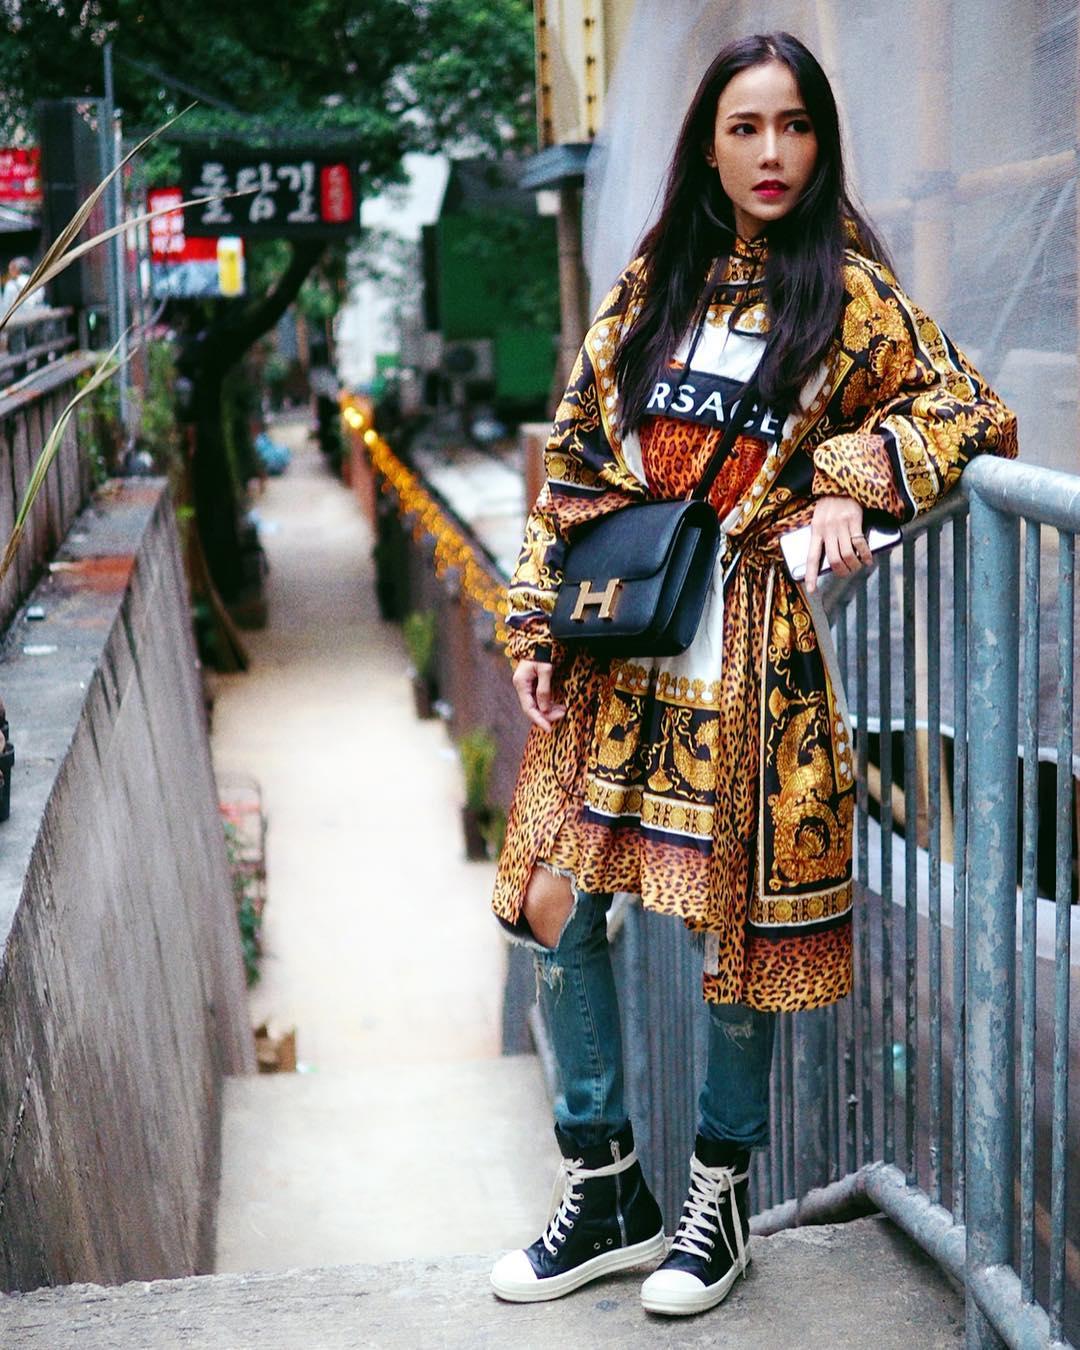 nữ dj xinh đẹp - roxy june tạo dáng chụp hình